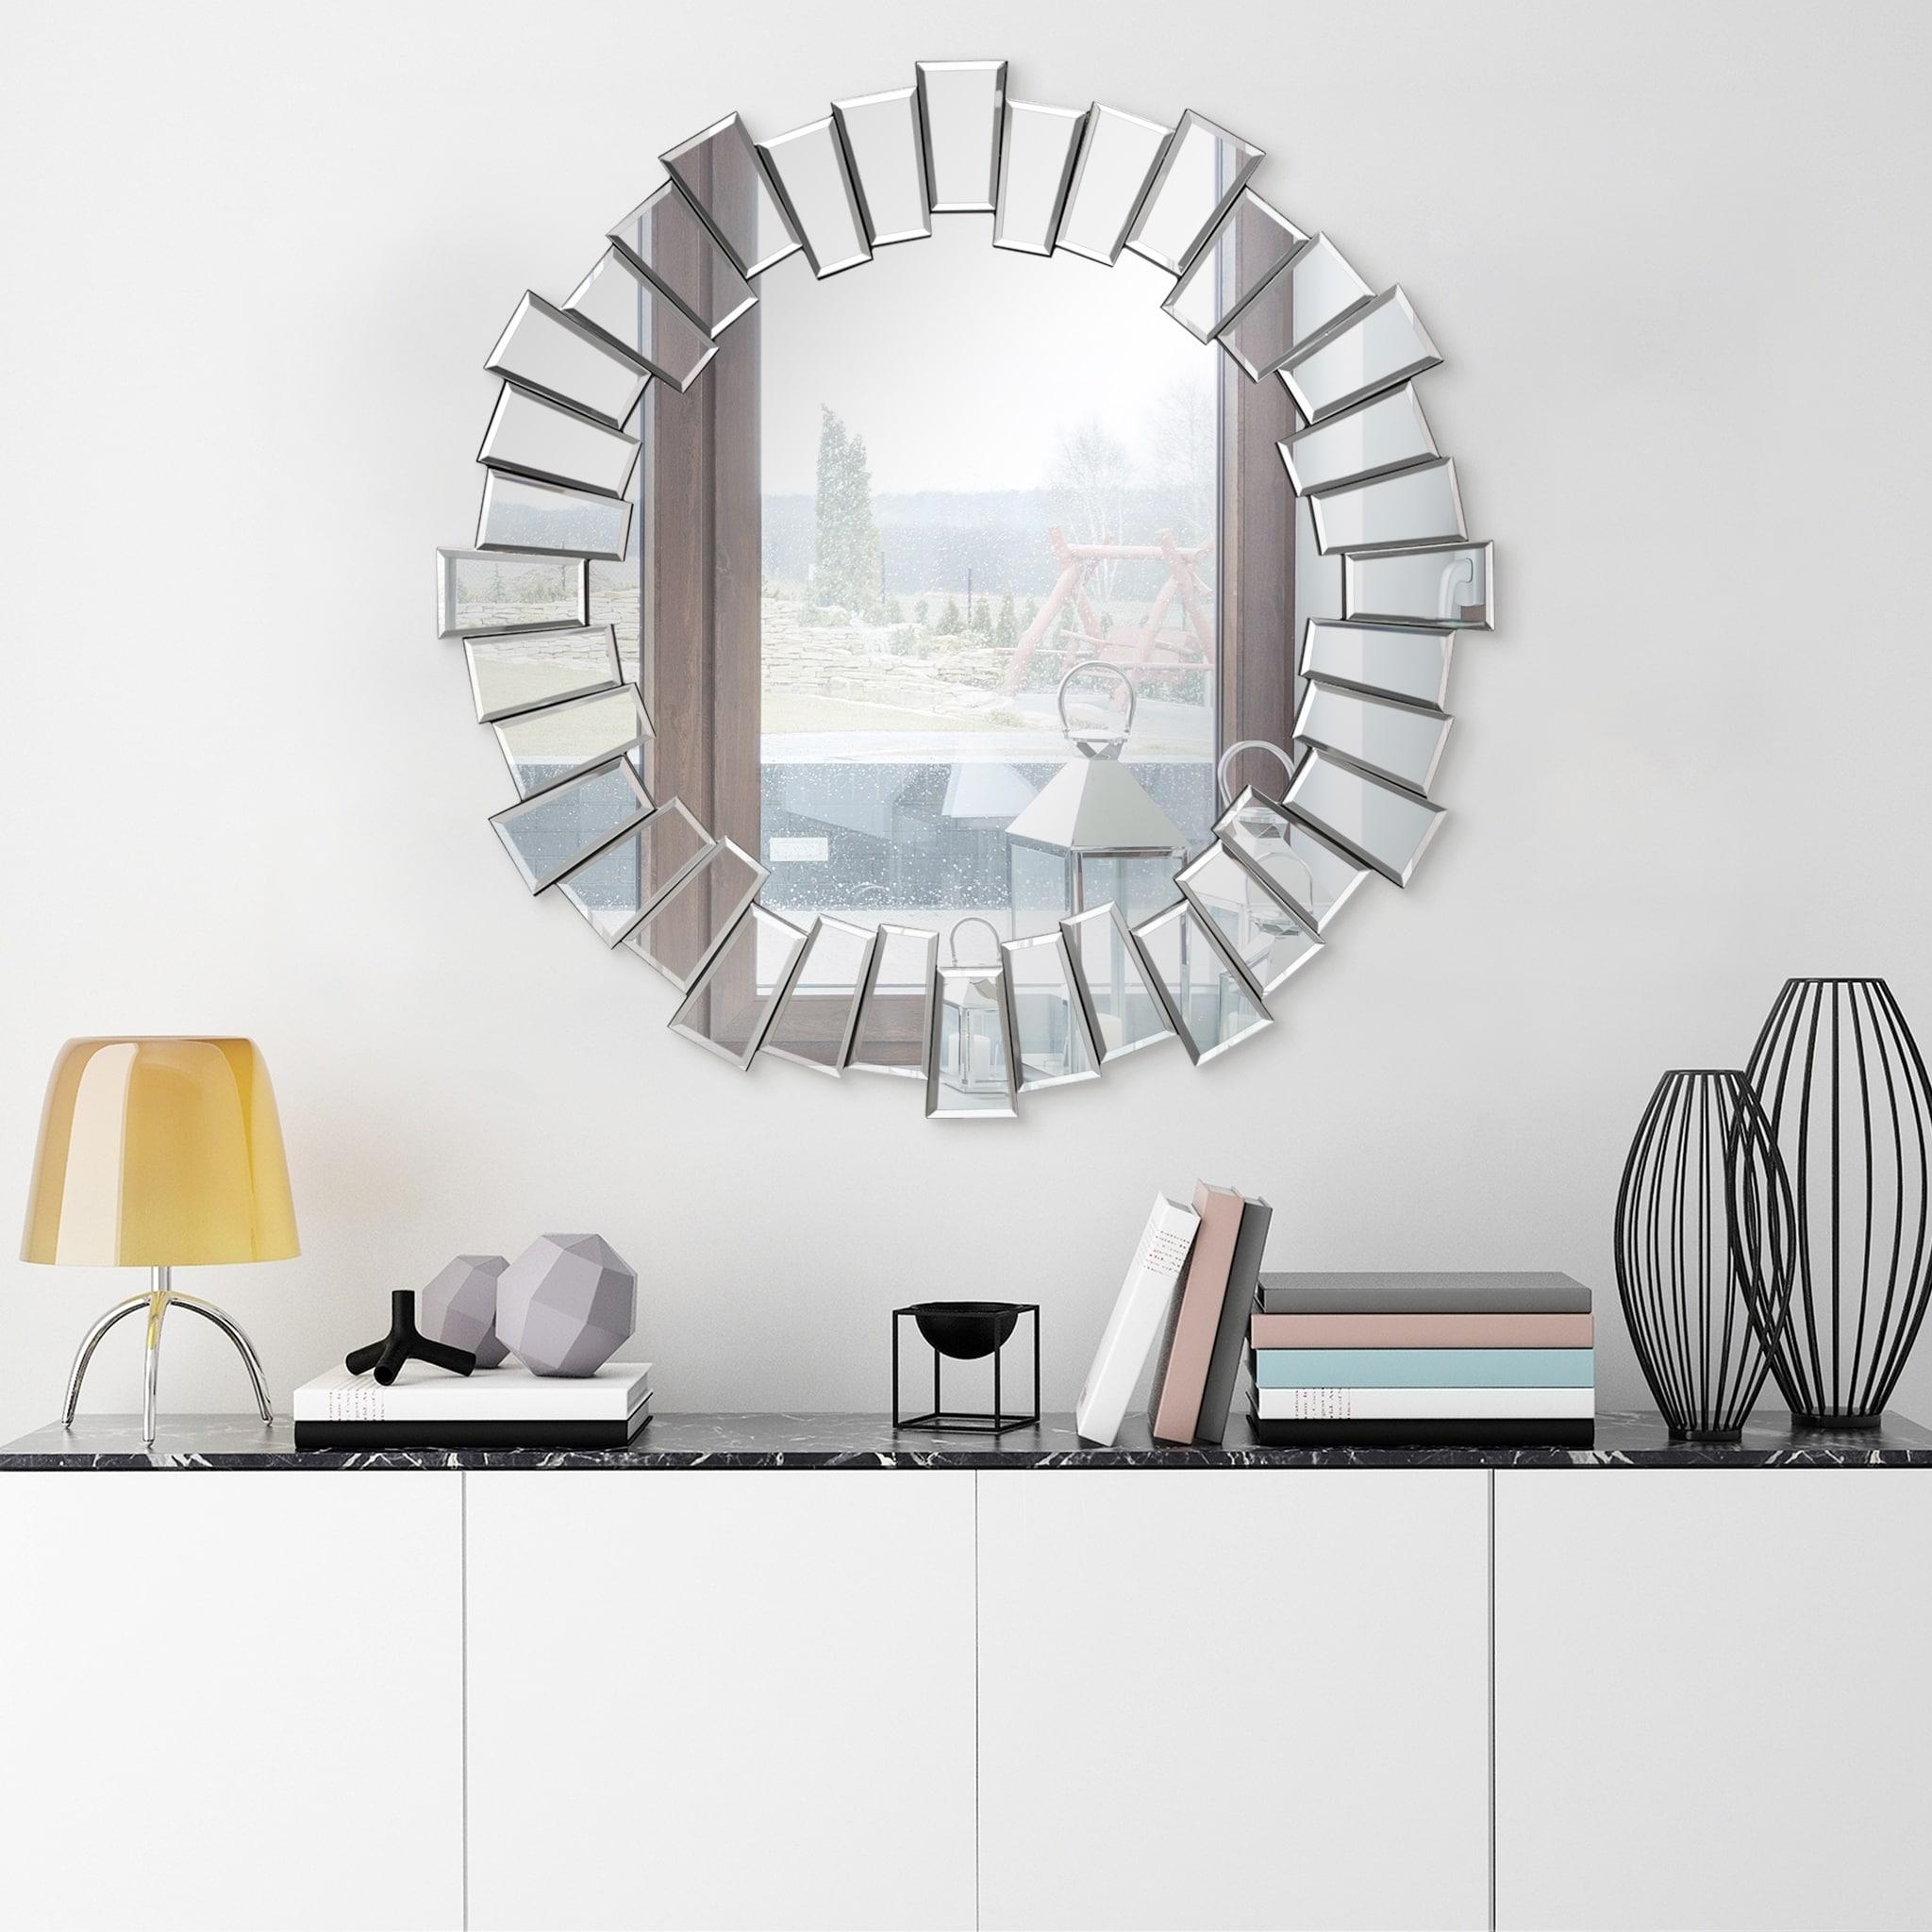 Traverse Modern Round Wall Mirror Bathroom Vanity Mirror Overstock 30415890